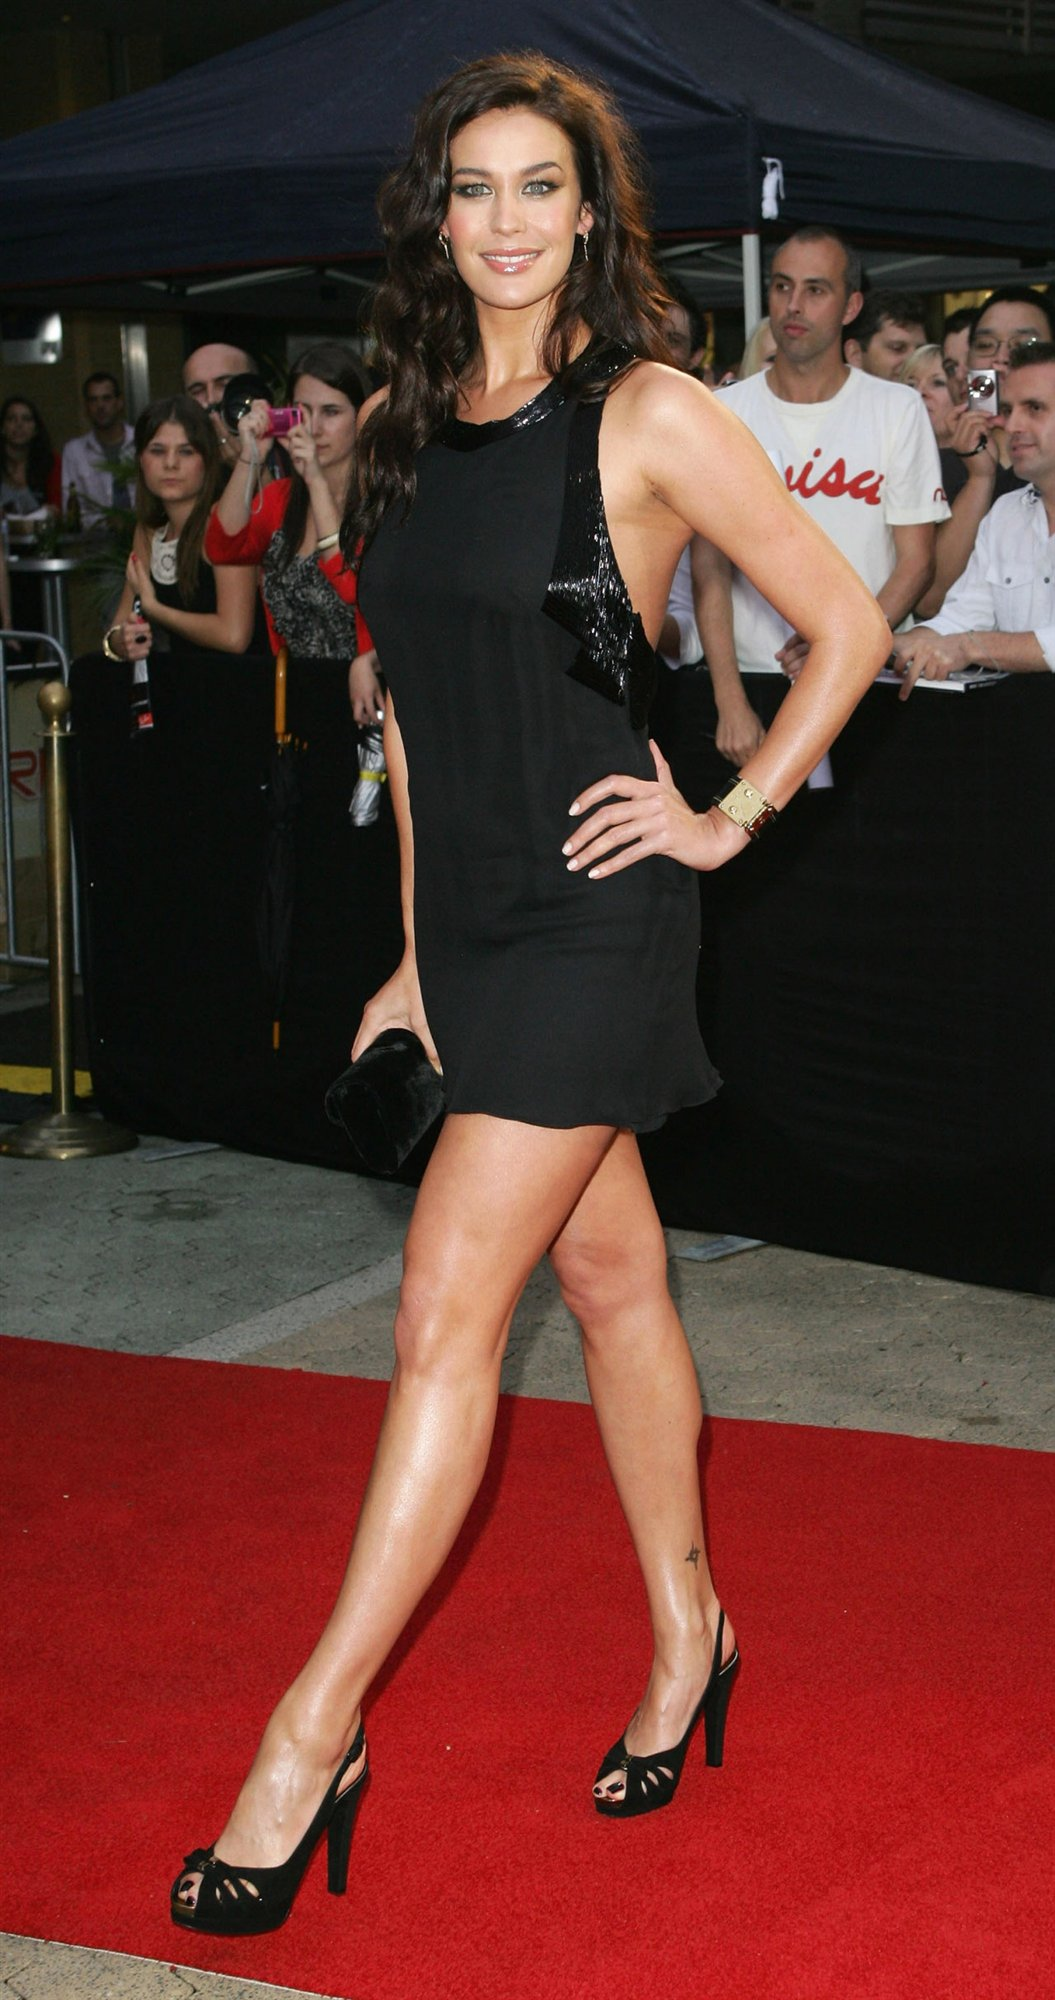 Megan Gale